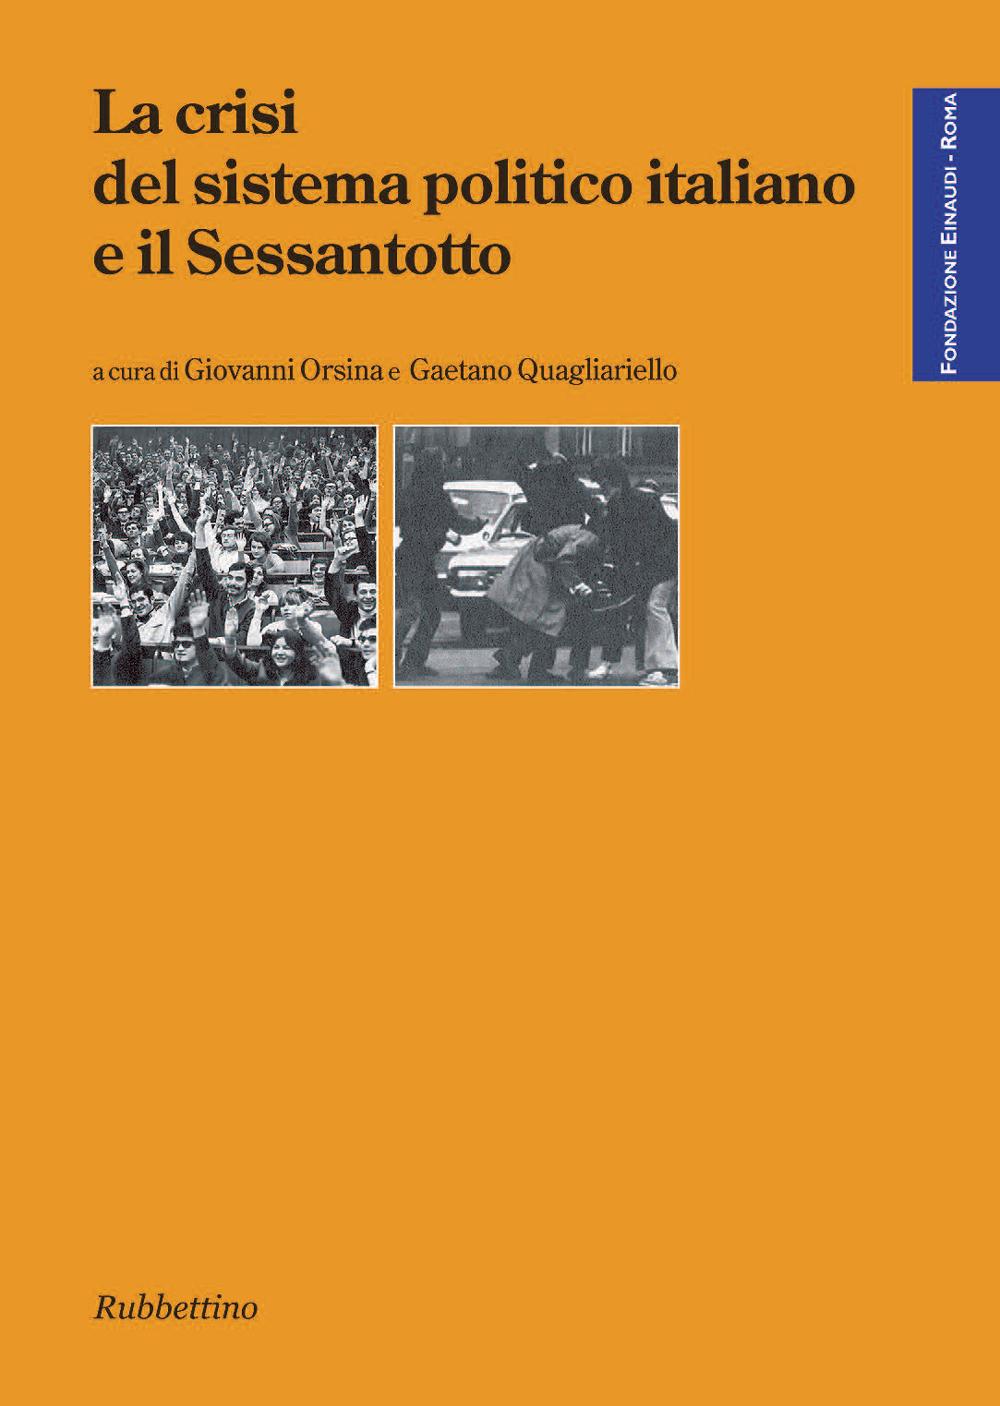 La crisi del sistema politico italiano e il Sessantotto di Giovanni Orsina, Gaetano Quagliariello